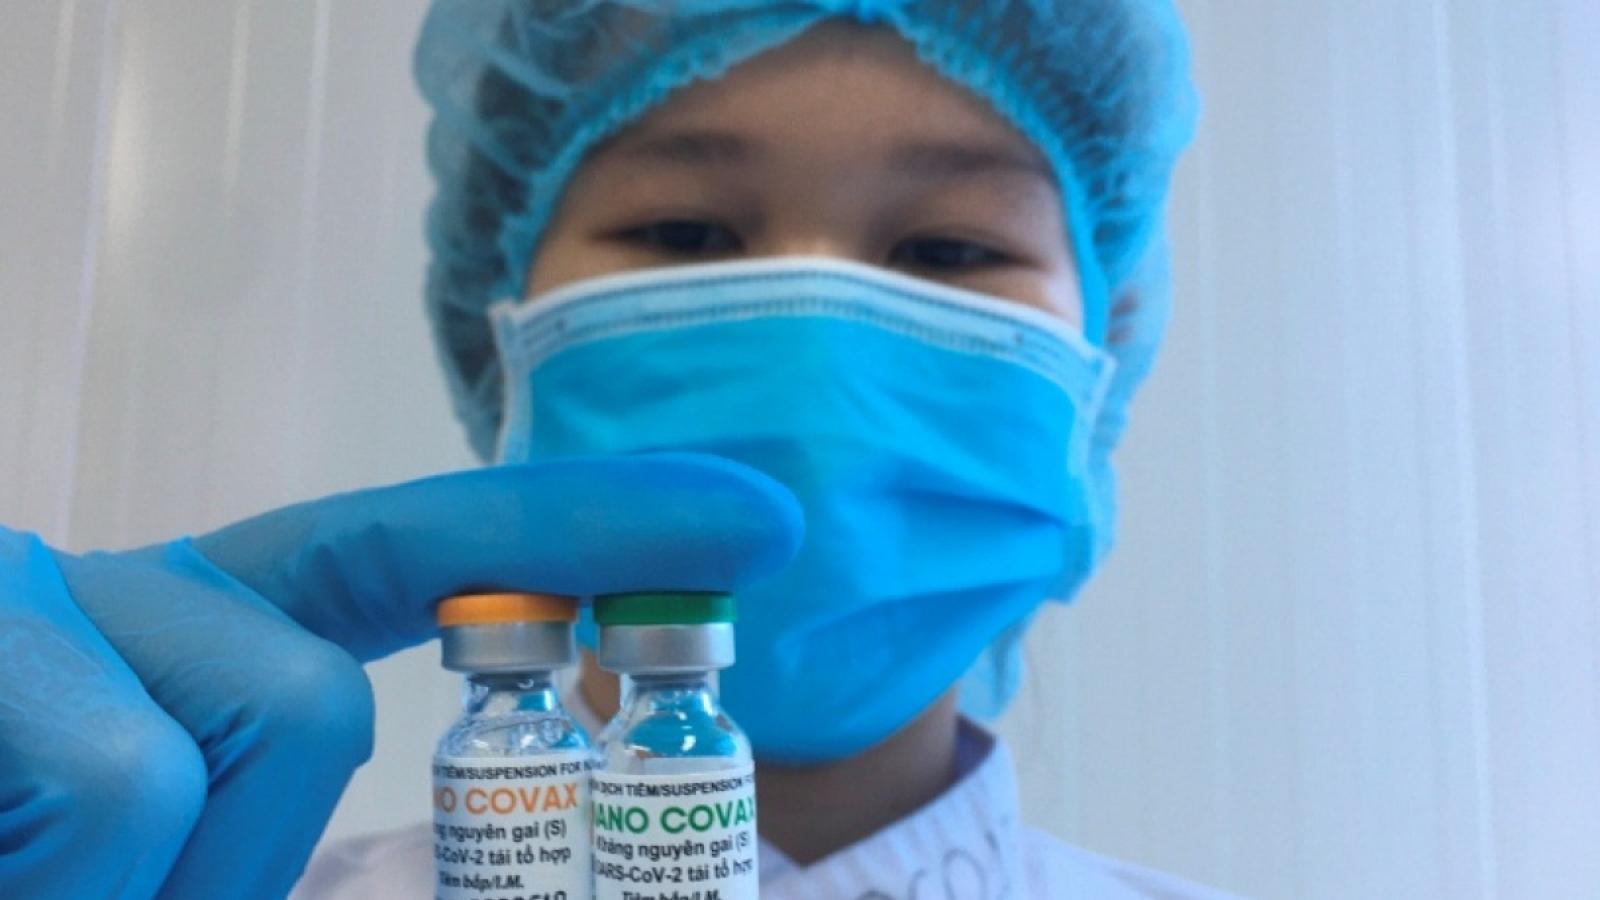 Bộ Y tế nghiên cứu, xem xét việc cấp phép lưu hành khẩn cấp vaccine Nanocovax